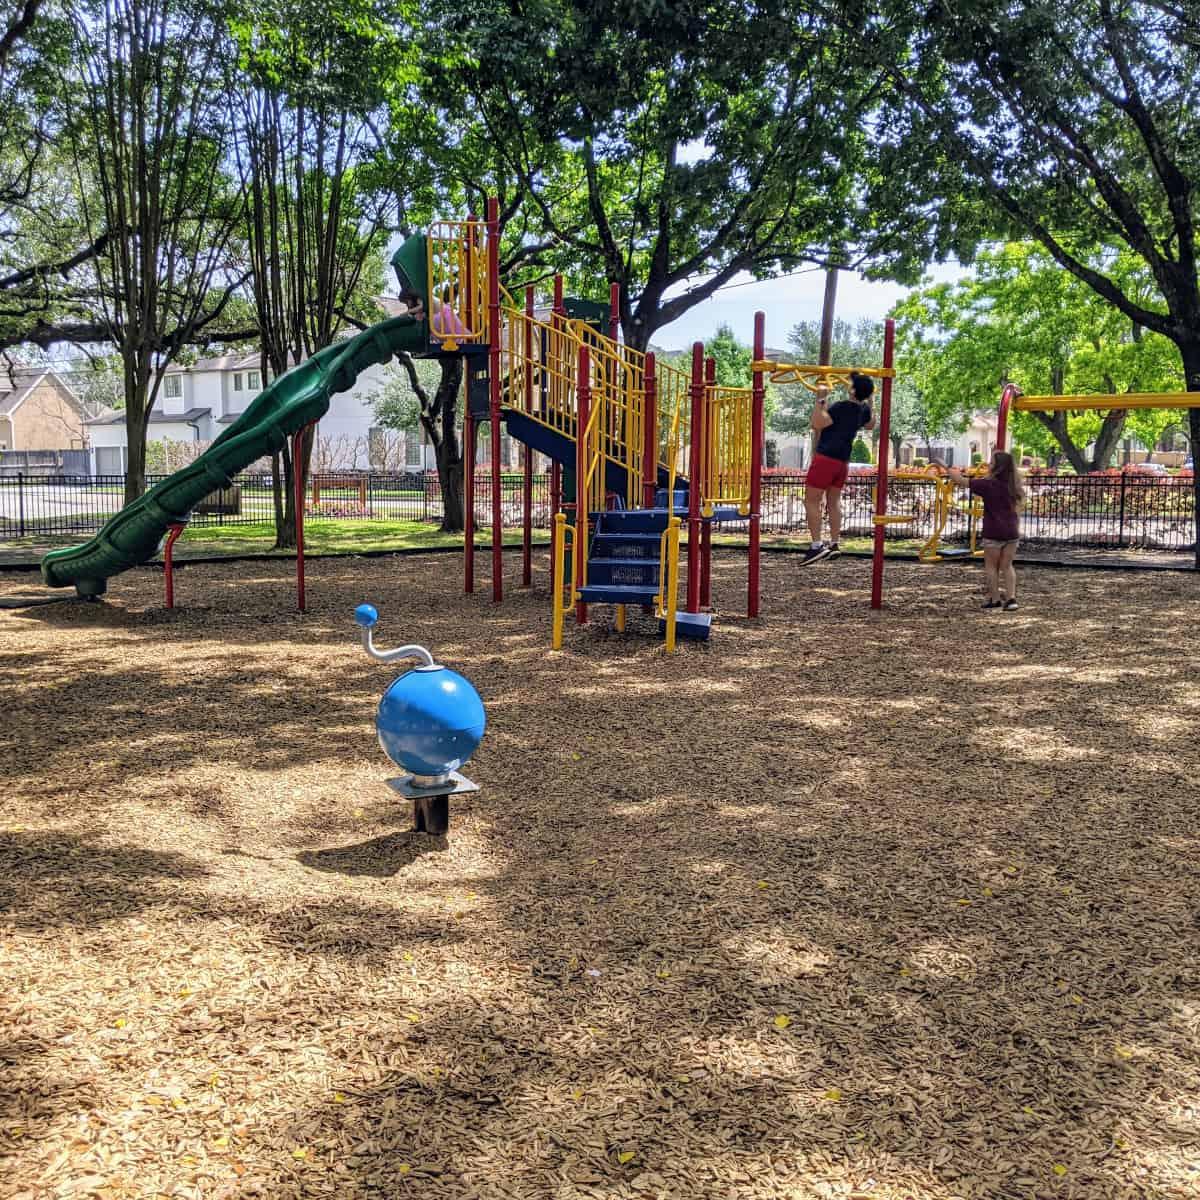 Feld Park Music Box and Playground